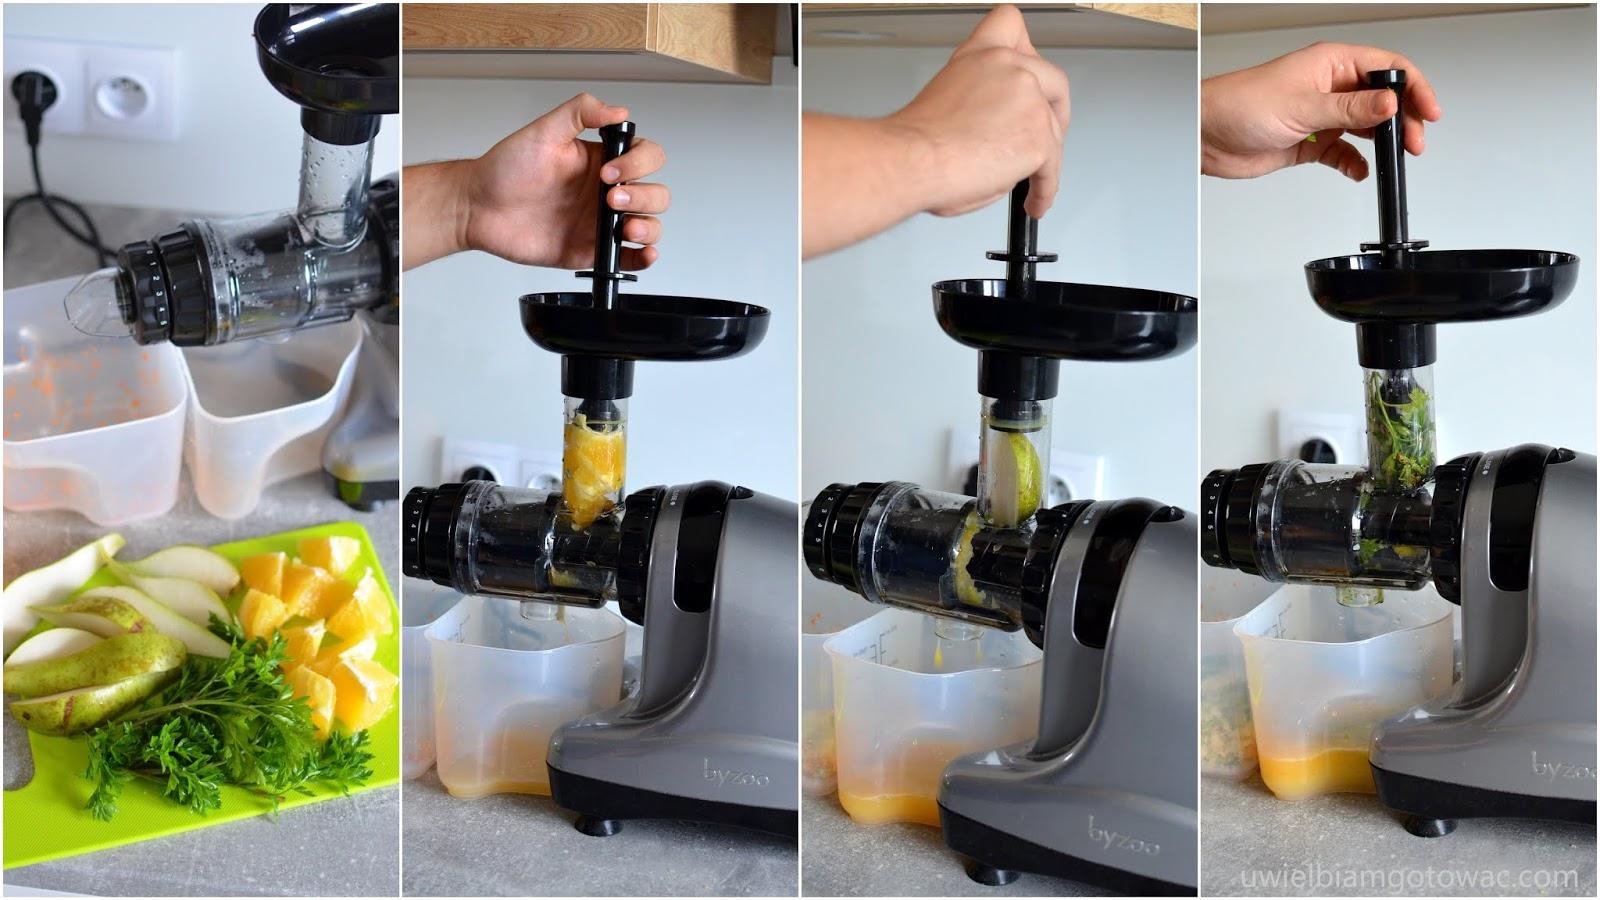 Niewiarygodnie Uwielbiam gotować: Wyciskarka Byzoo Rhino do owoców, warzyw i ziół NZ07